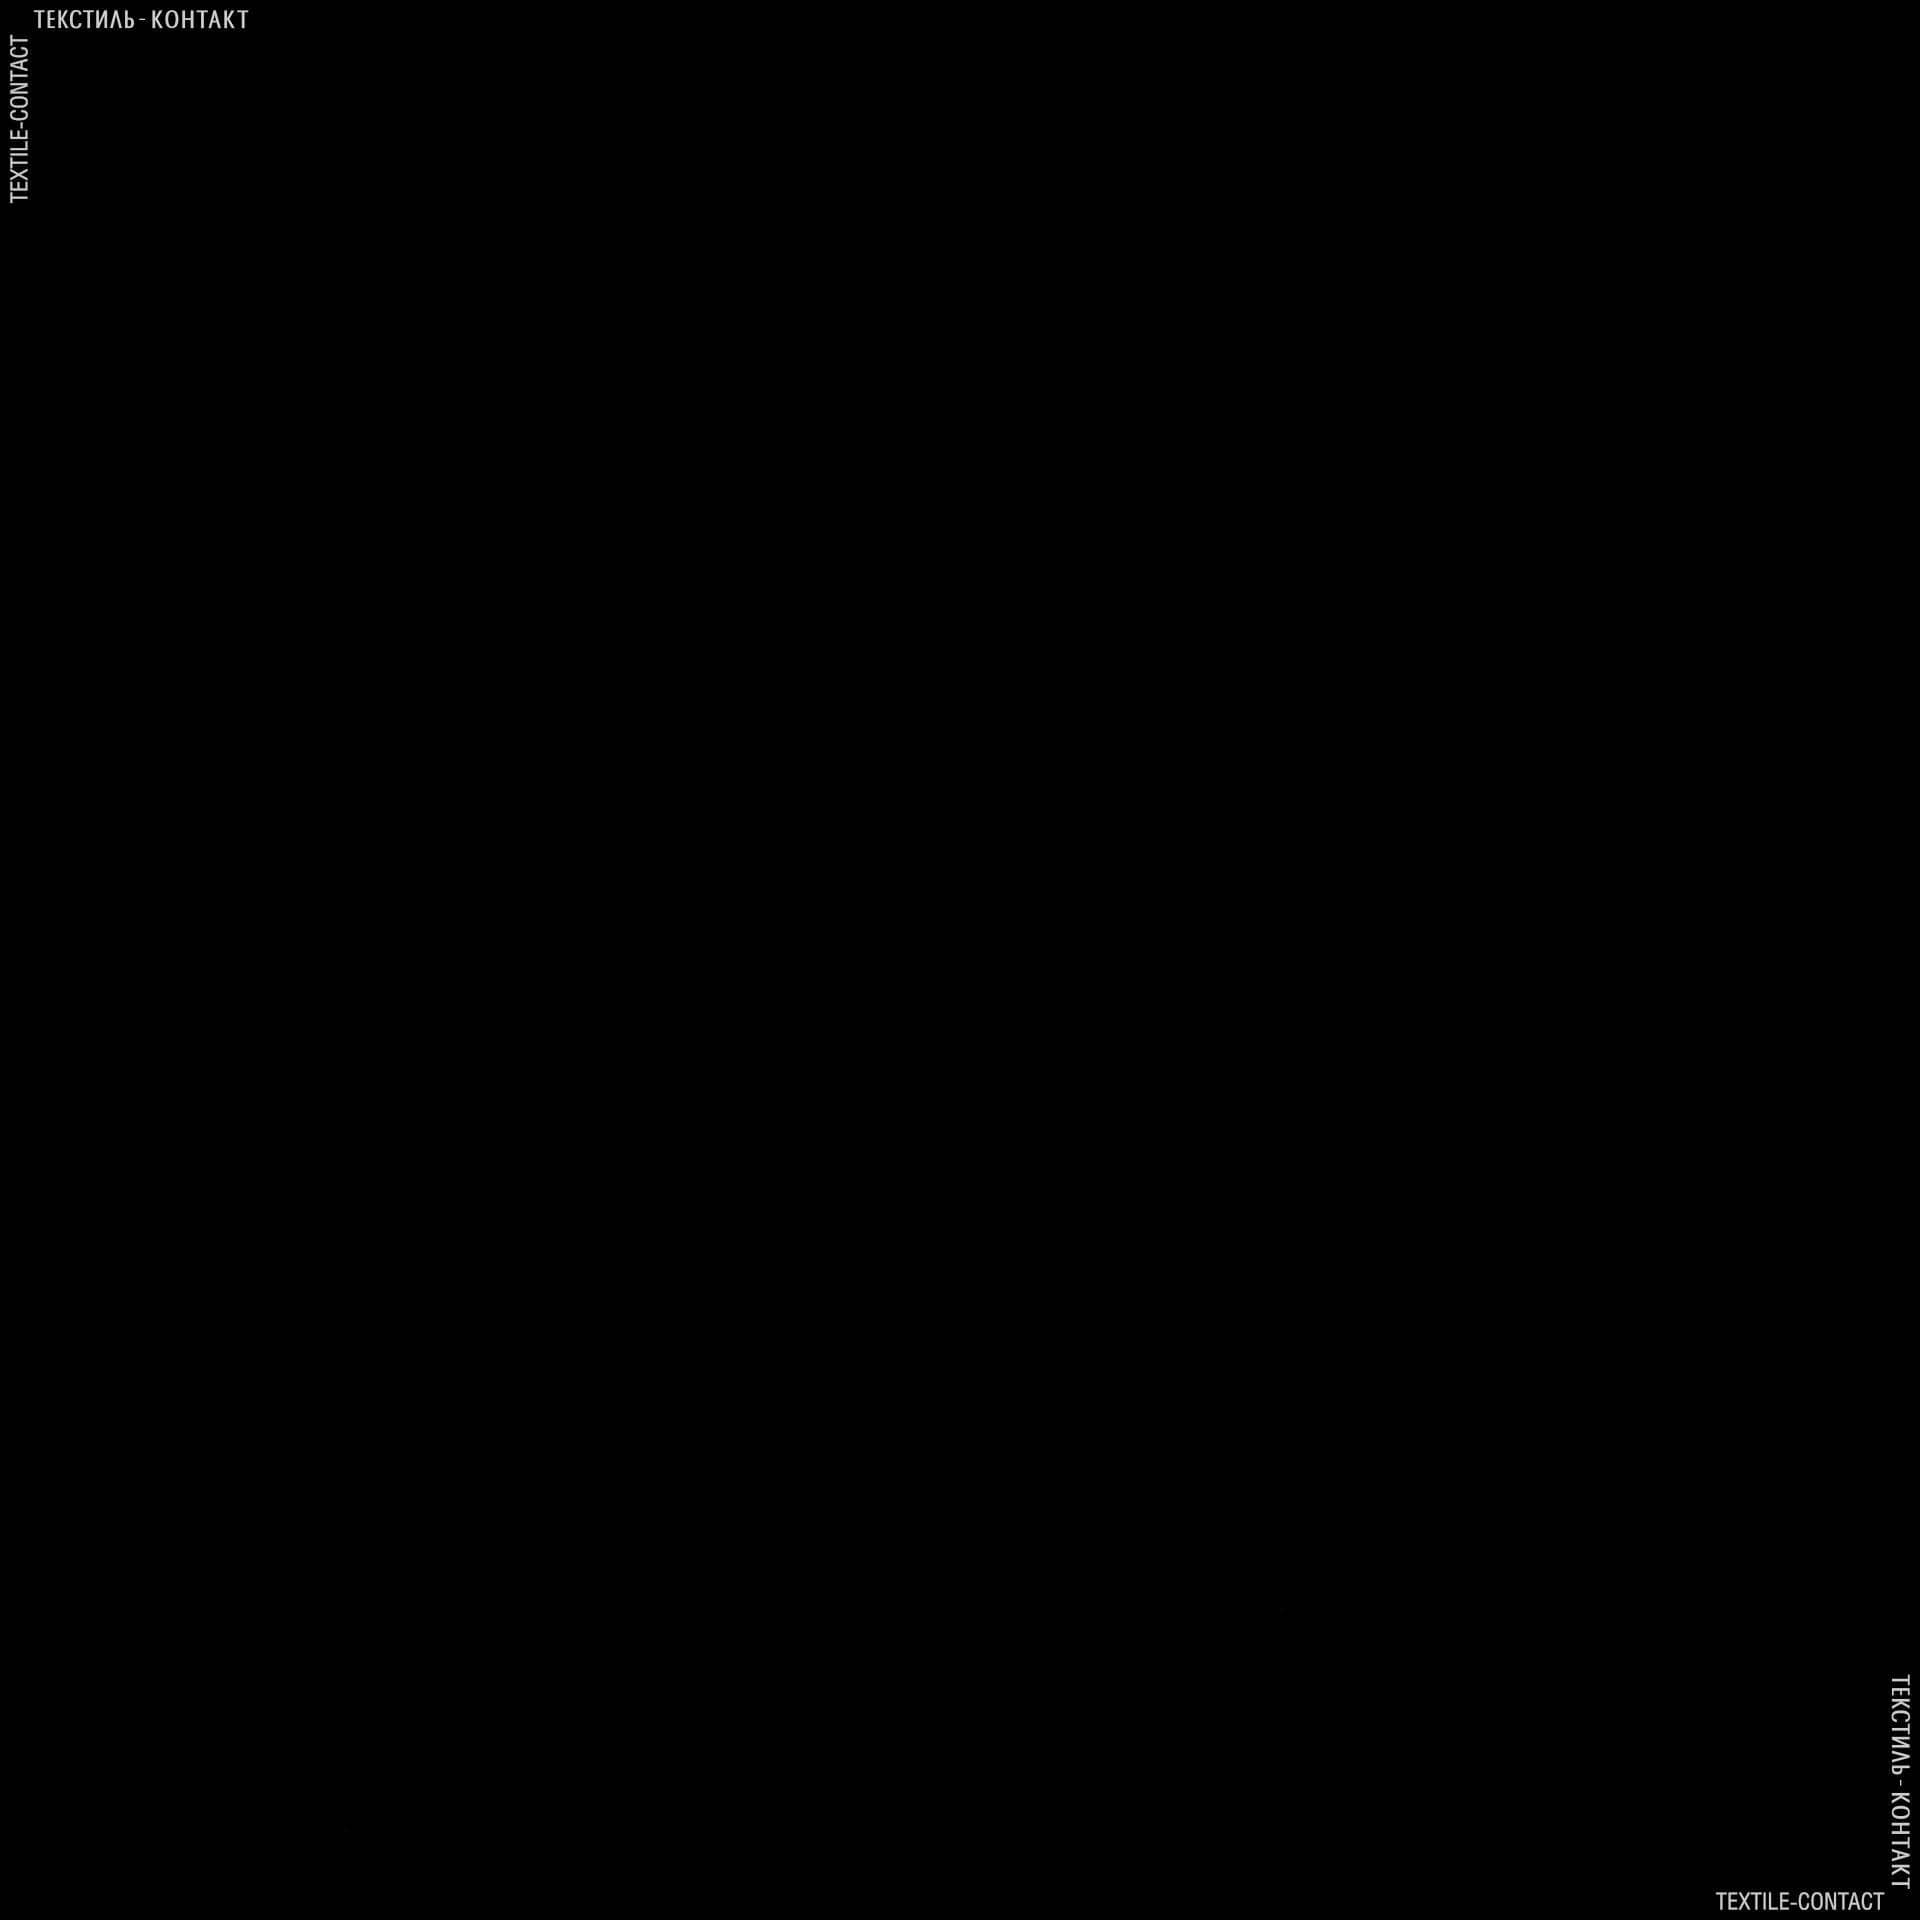 Ткани для брюк - Костюмная кармен черный